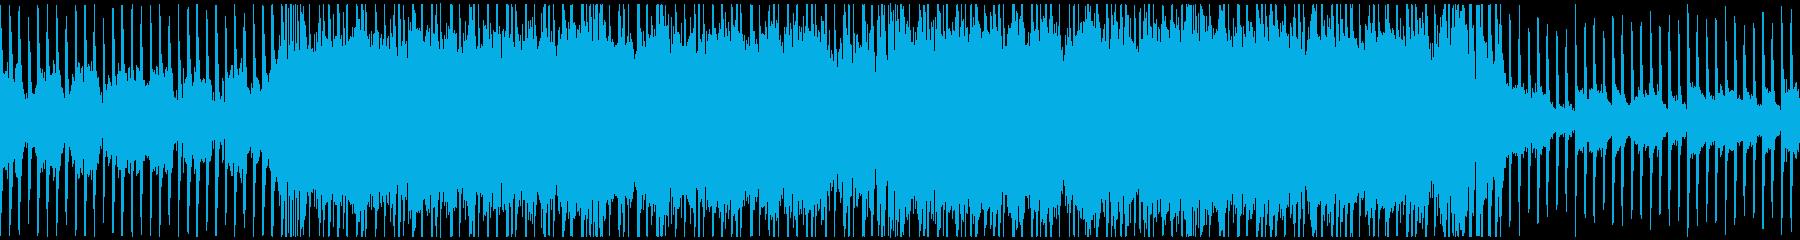 【ループ対応】感動的ストリングスポップの再生済みの波形